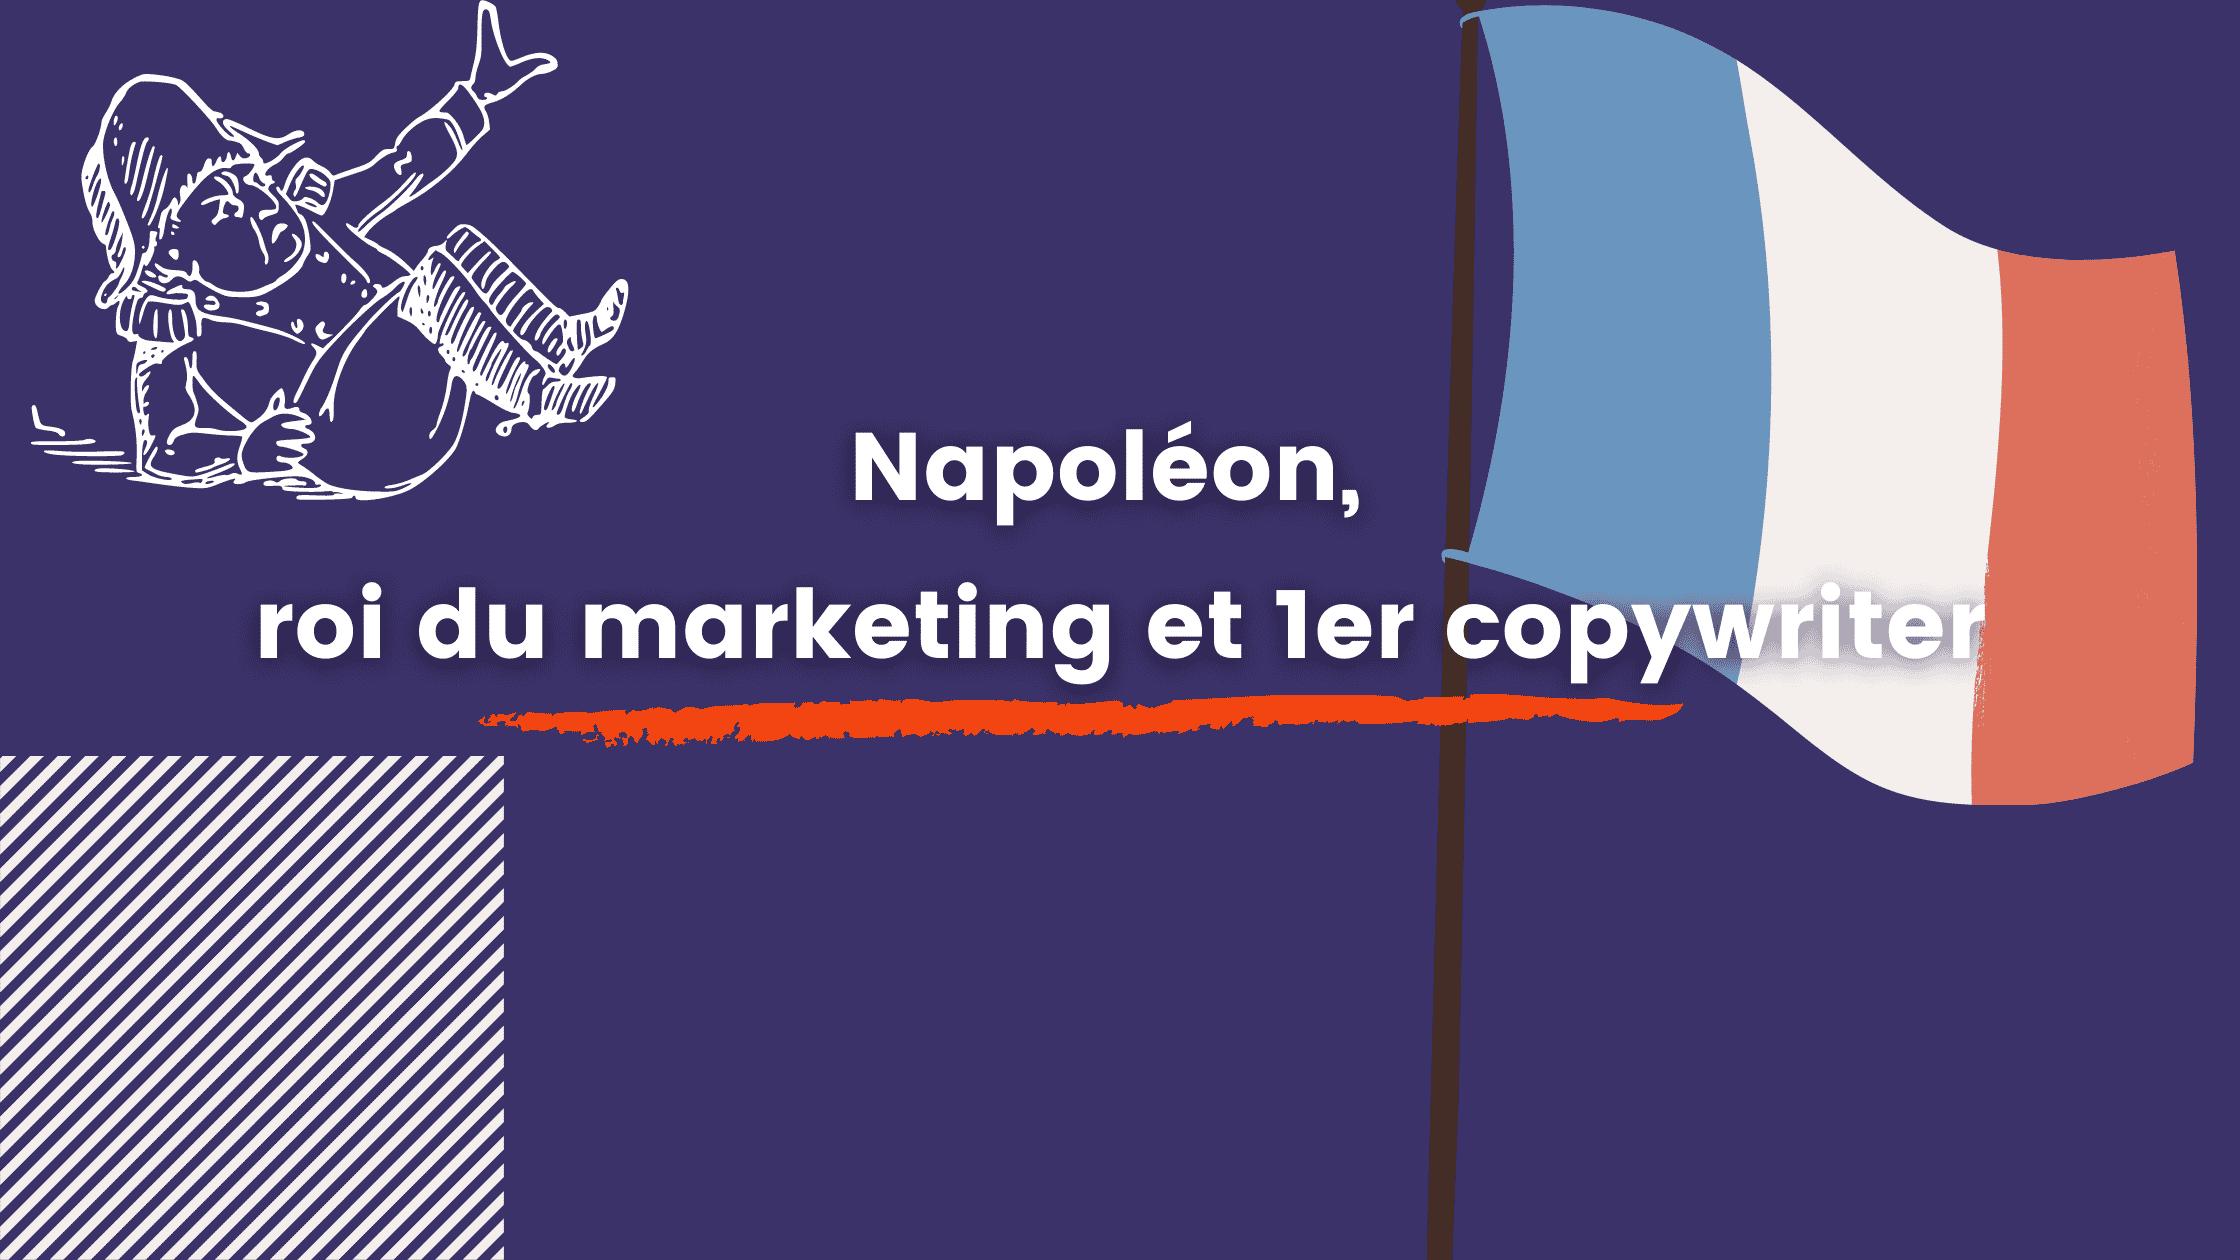 napoléon roi du marketing et premier copywriter